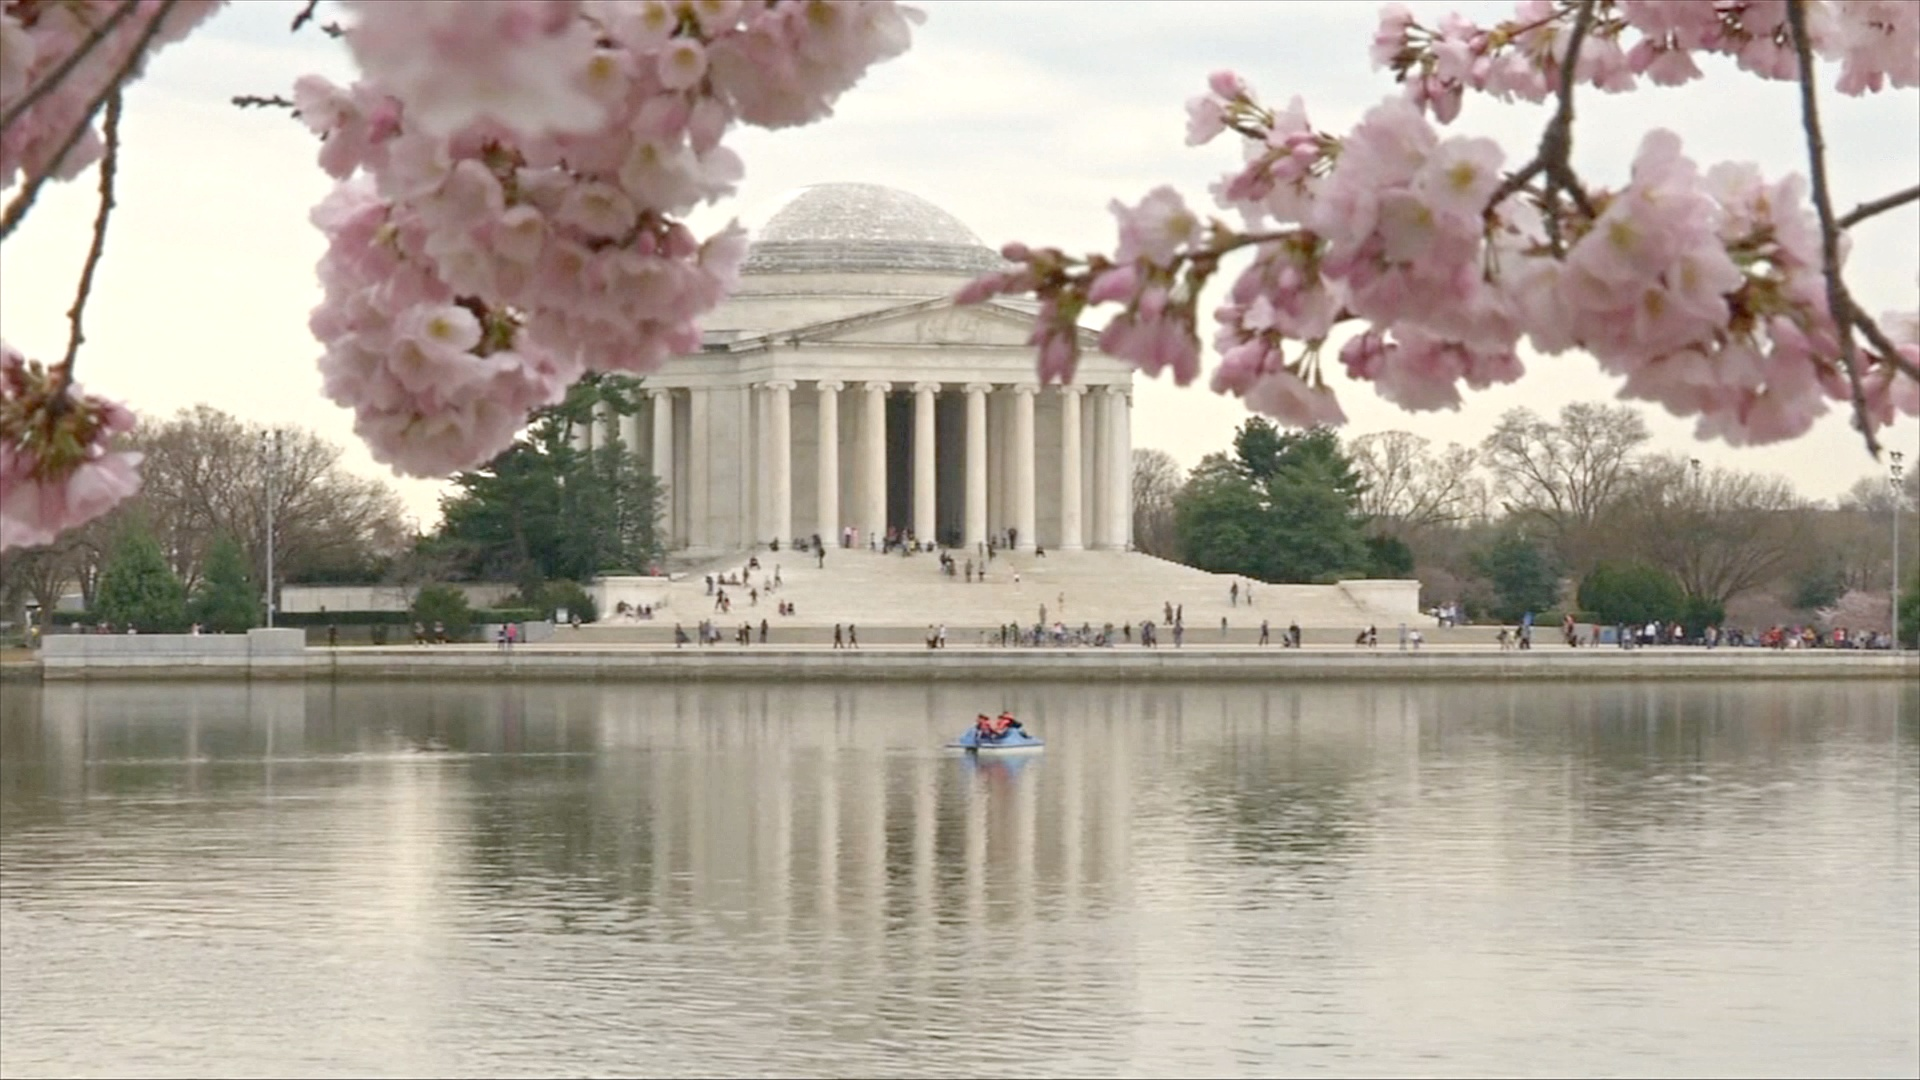 Над цветущей сакурой в Вашингтоне взмыли десятки воздушных змеев